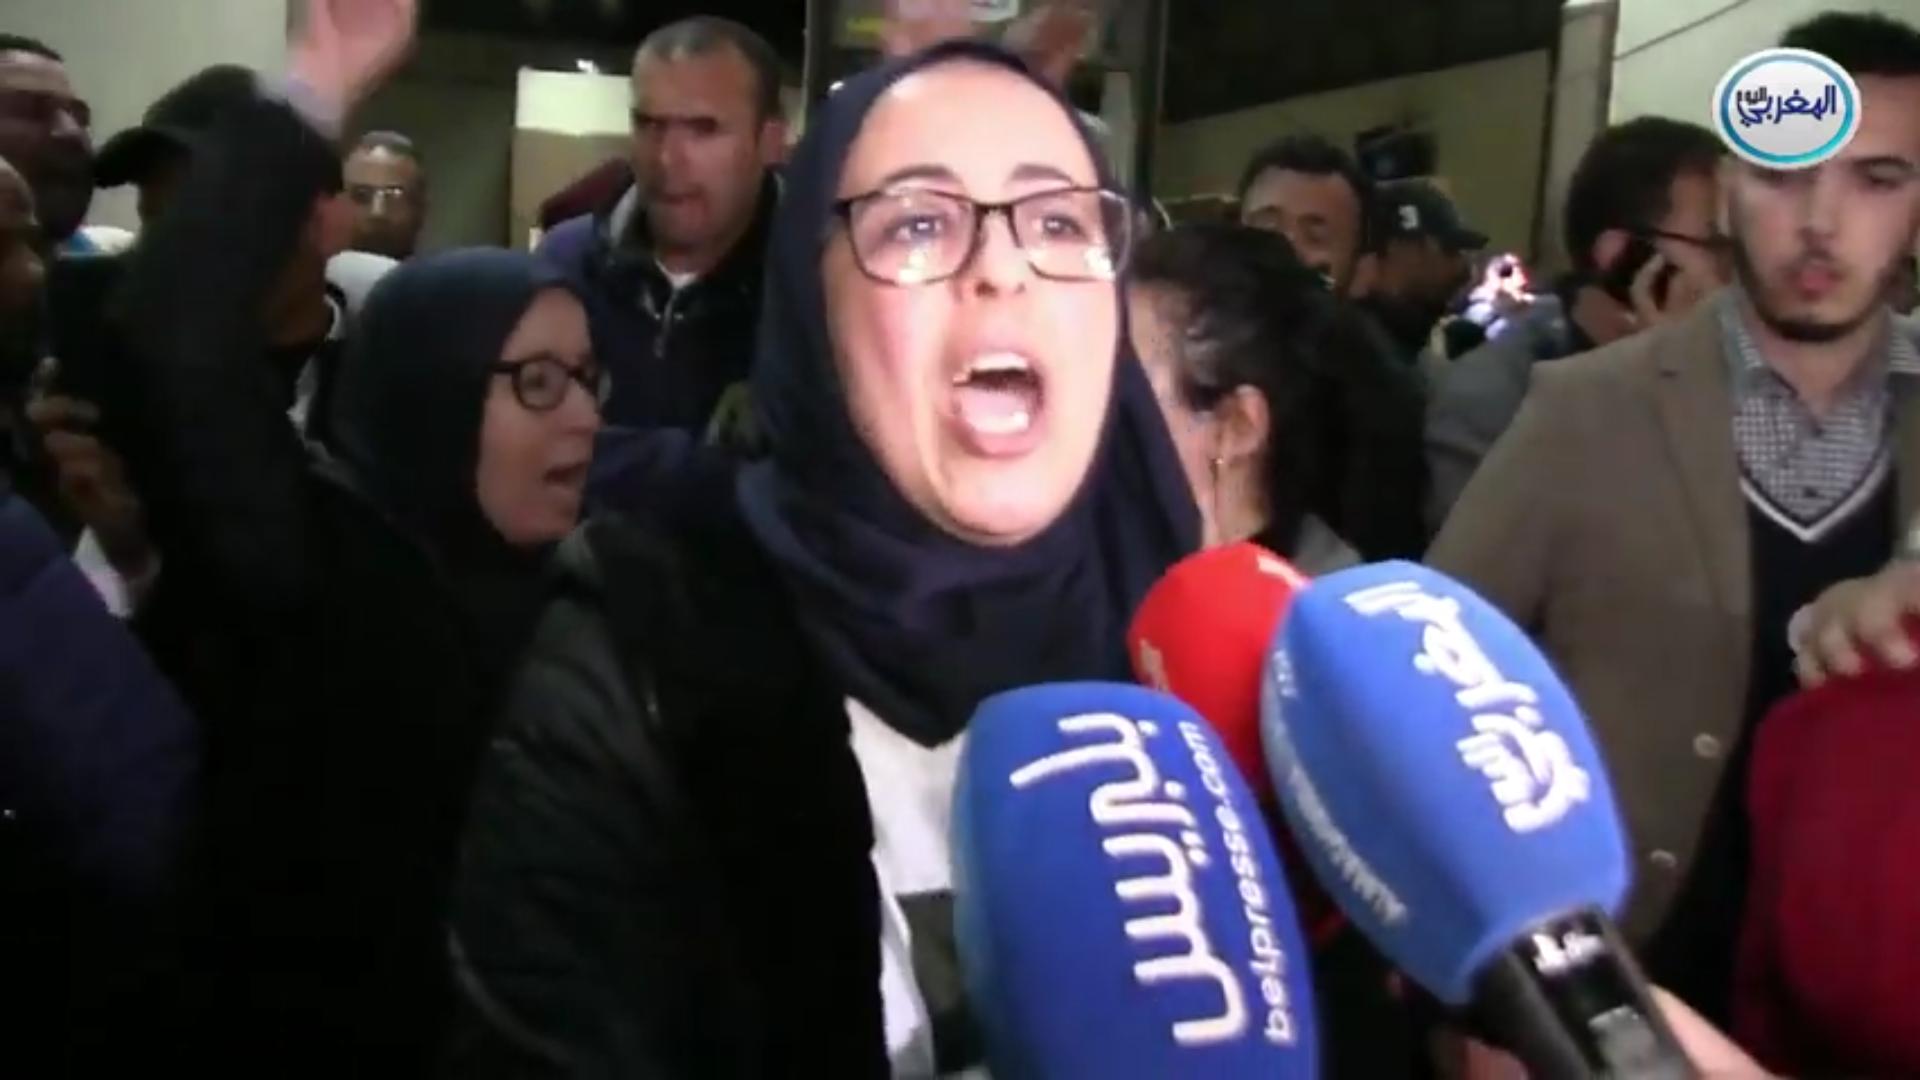 بالفيديو… بكاء وانهيار وسط العائلات بعد الحكم الاستئناف على الزفزافي والمهداوي ورفاقهم